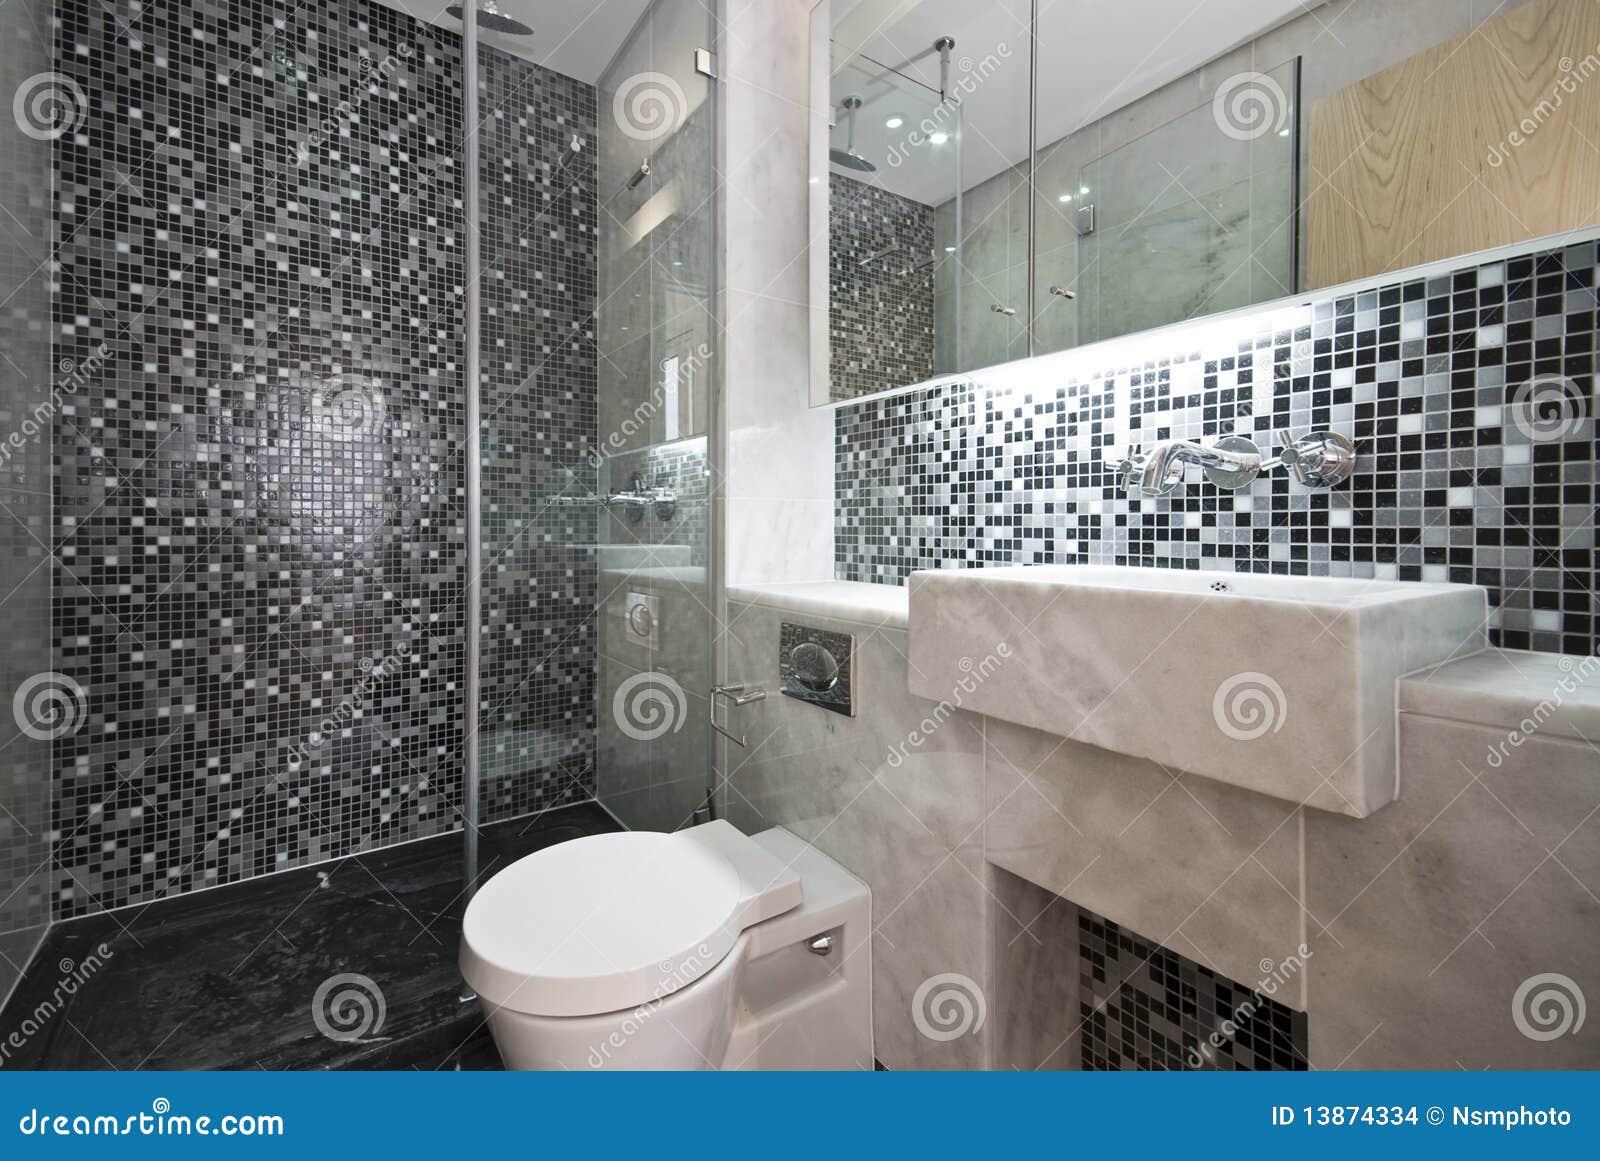 banheiro moderno em preto e branco com mosaico telhou paredes e a  #746657 1300x960 Azulejos Para Banheiro Branco E Preto